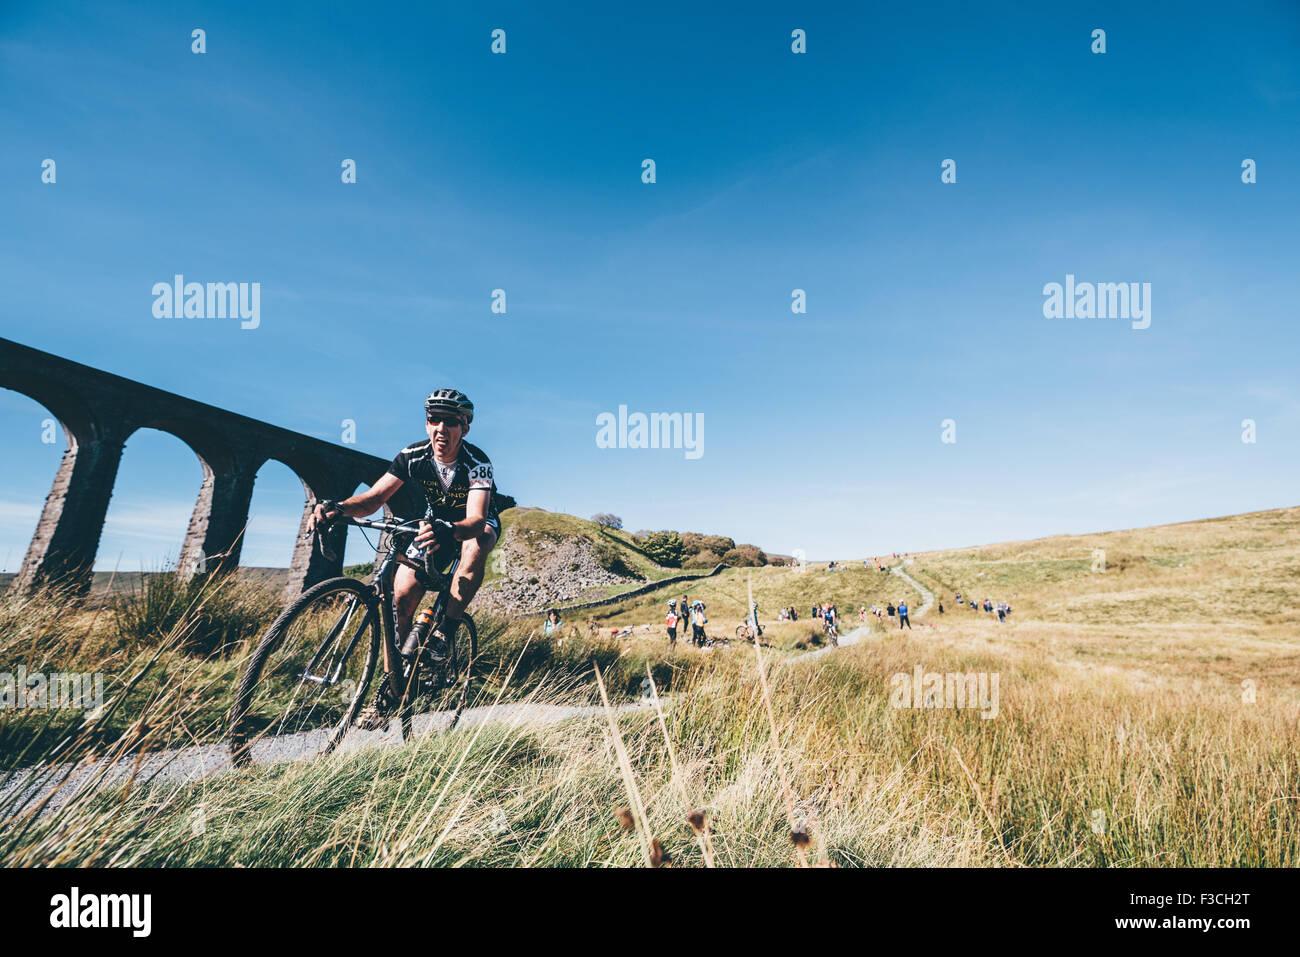 2015 - 3 Peaks Cyclocross Race - Yorkshire - Ingleborough, Whernside and Pen-y-ghent - Winner Paul Oldham - Jules - Stock Image